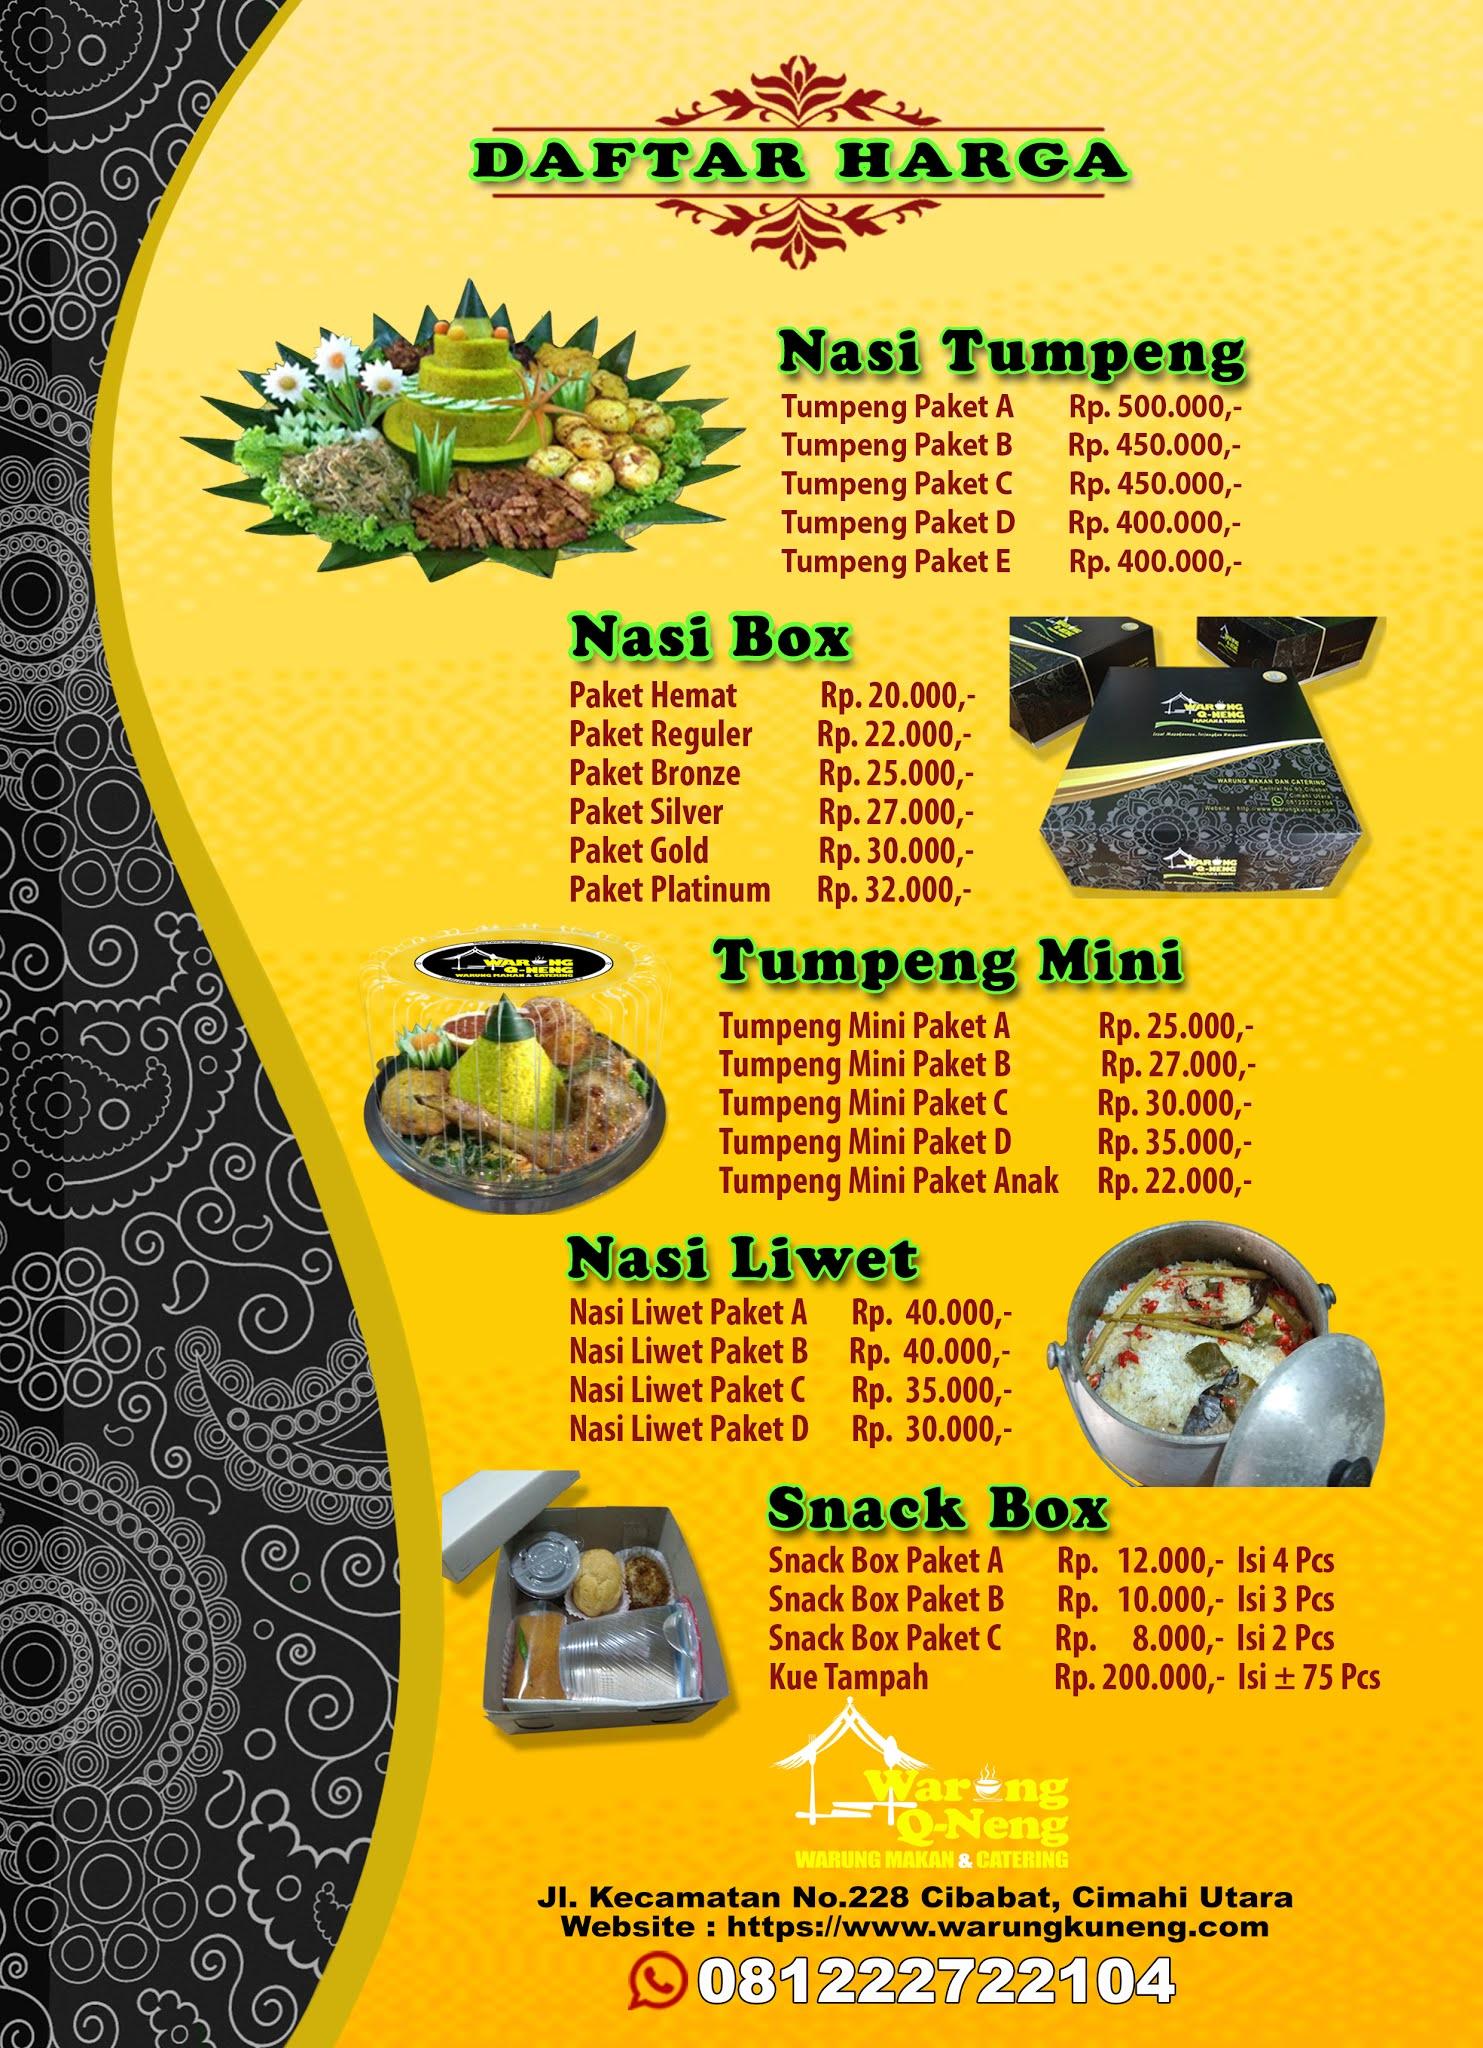 Daftar Harga Catering di Cimahi